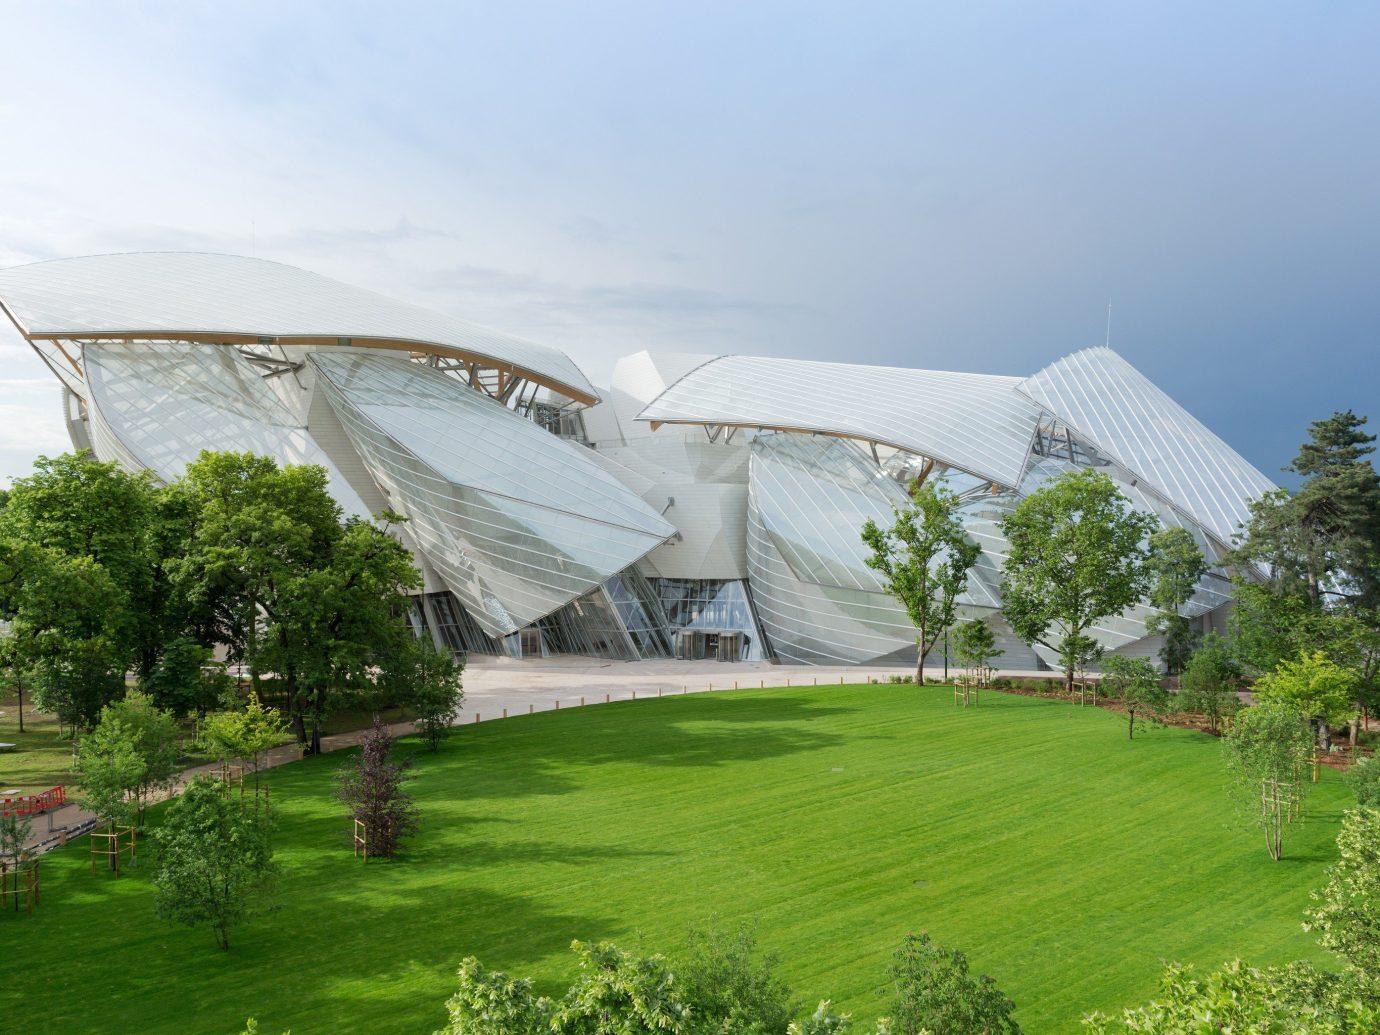 Fondation Louis Vuitton art center in Paris